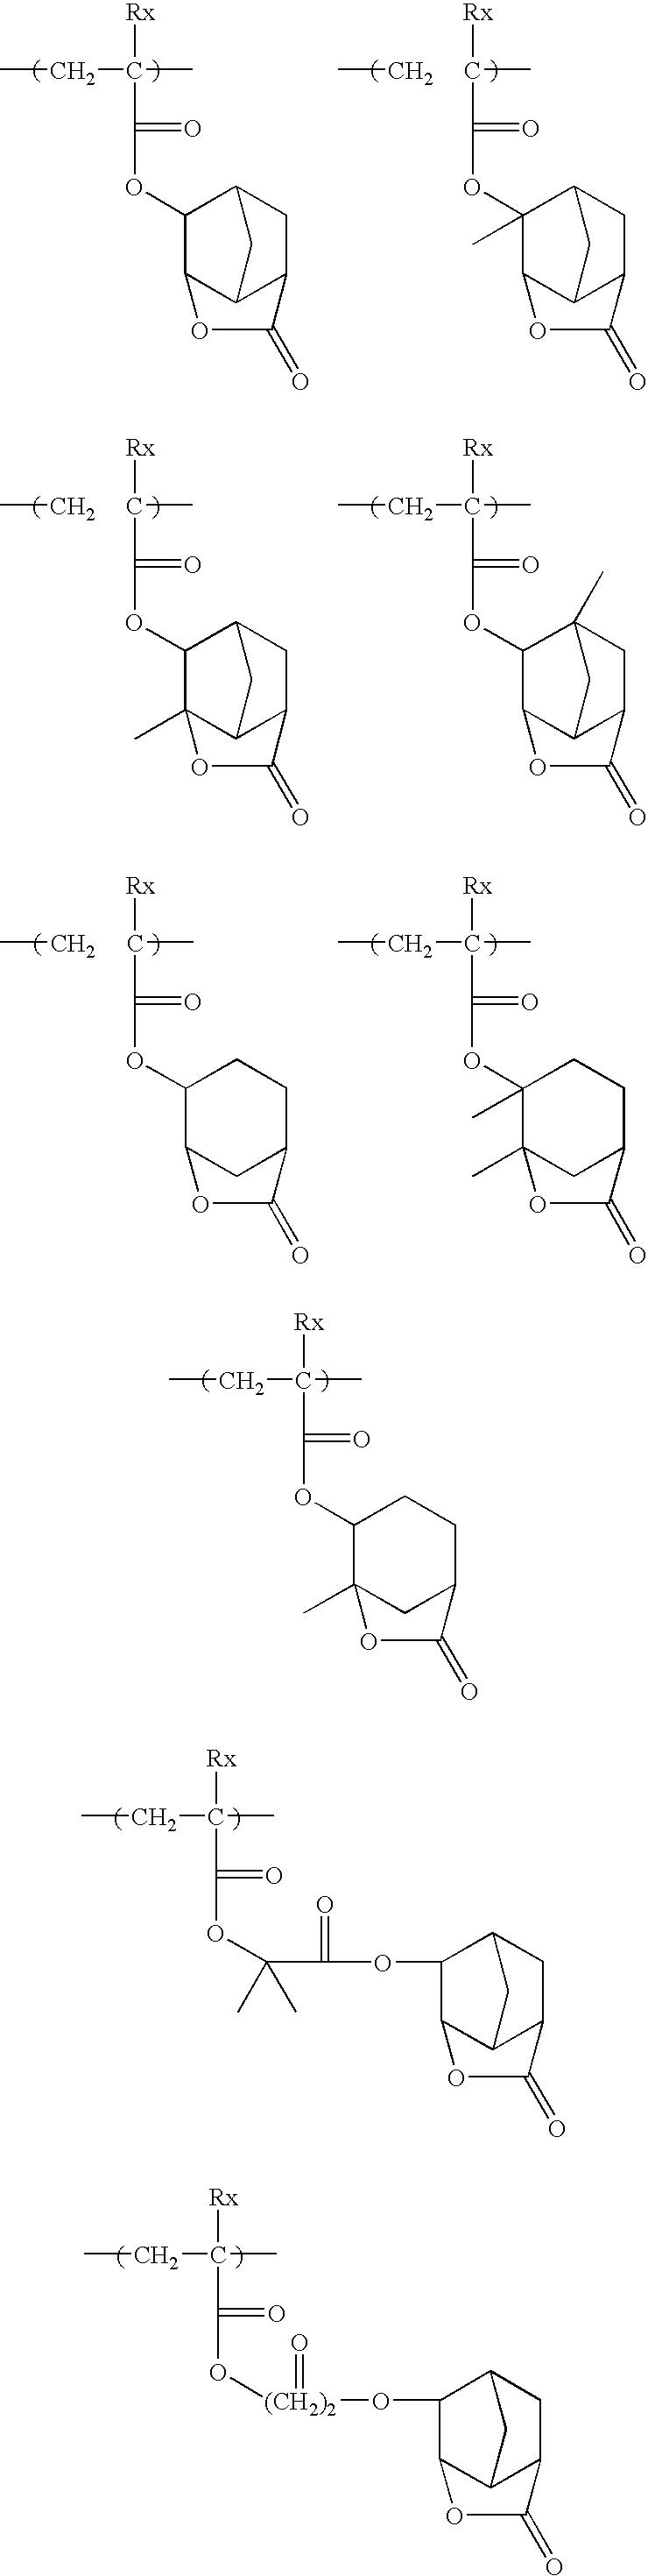 Figure US07960087-20110614-C00028